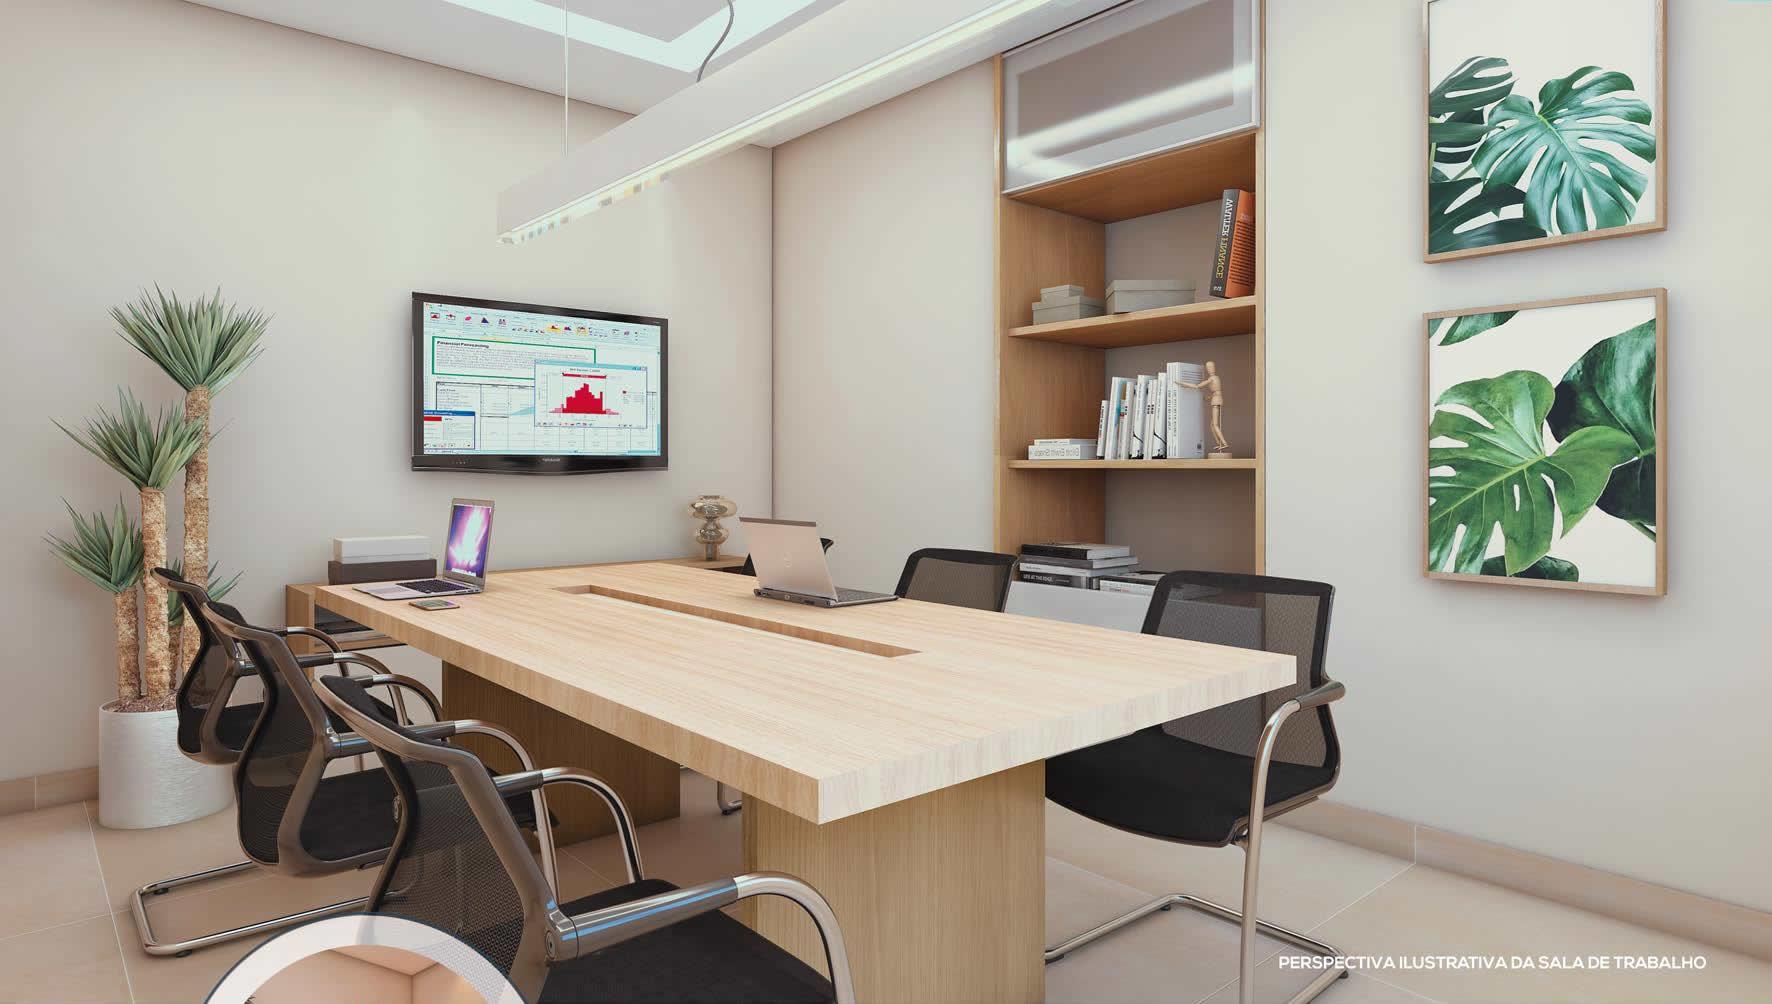 Perspectiva da Sala de Trabalho do Residencial Santorini